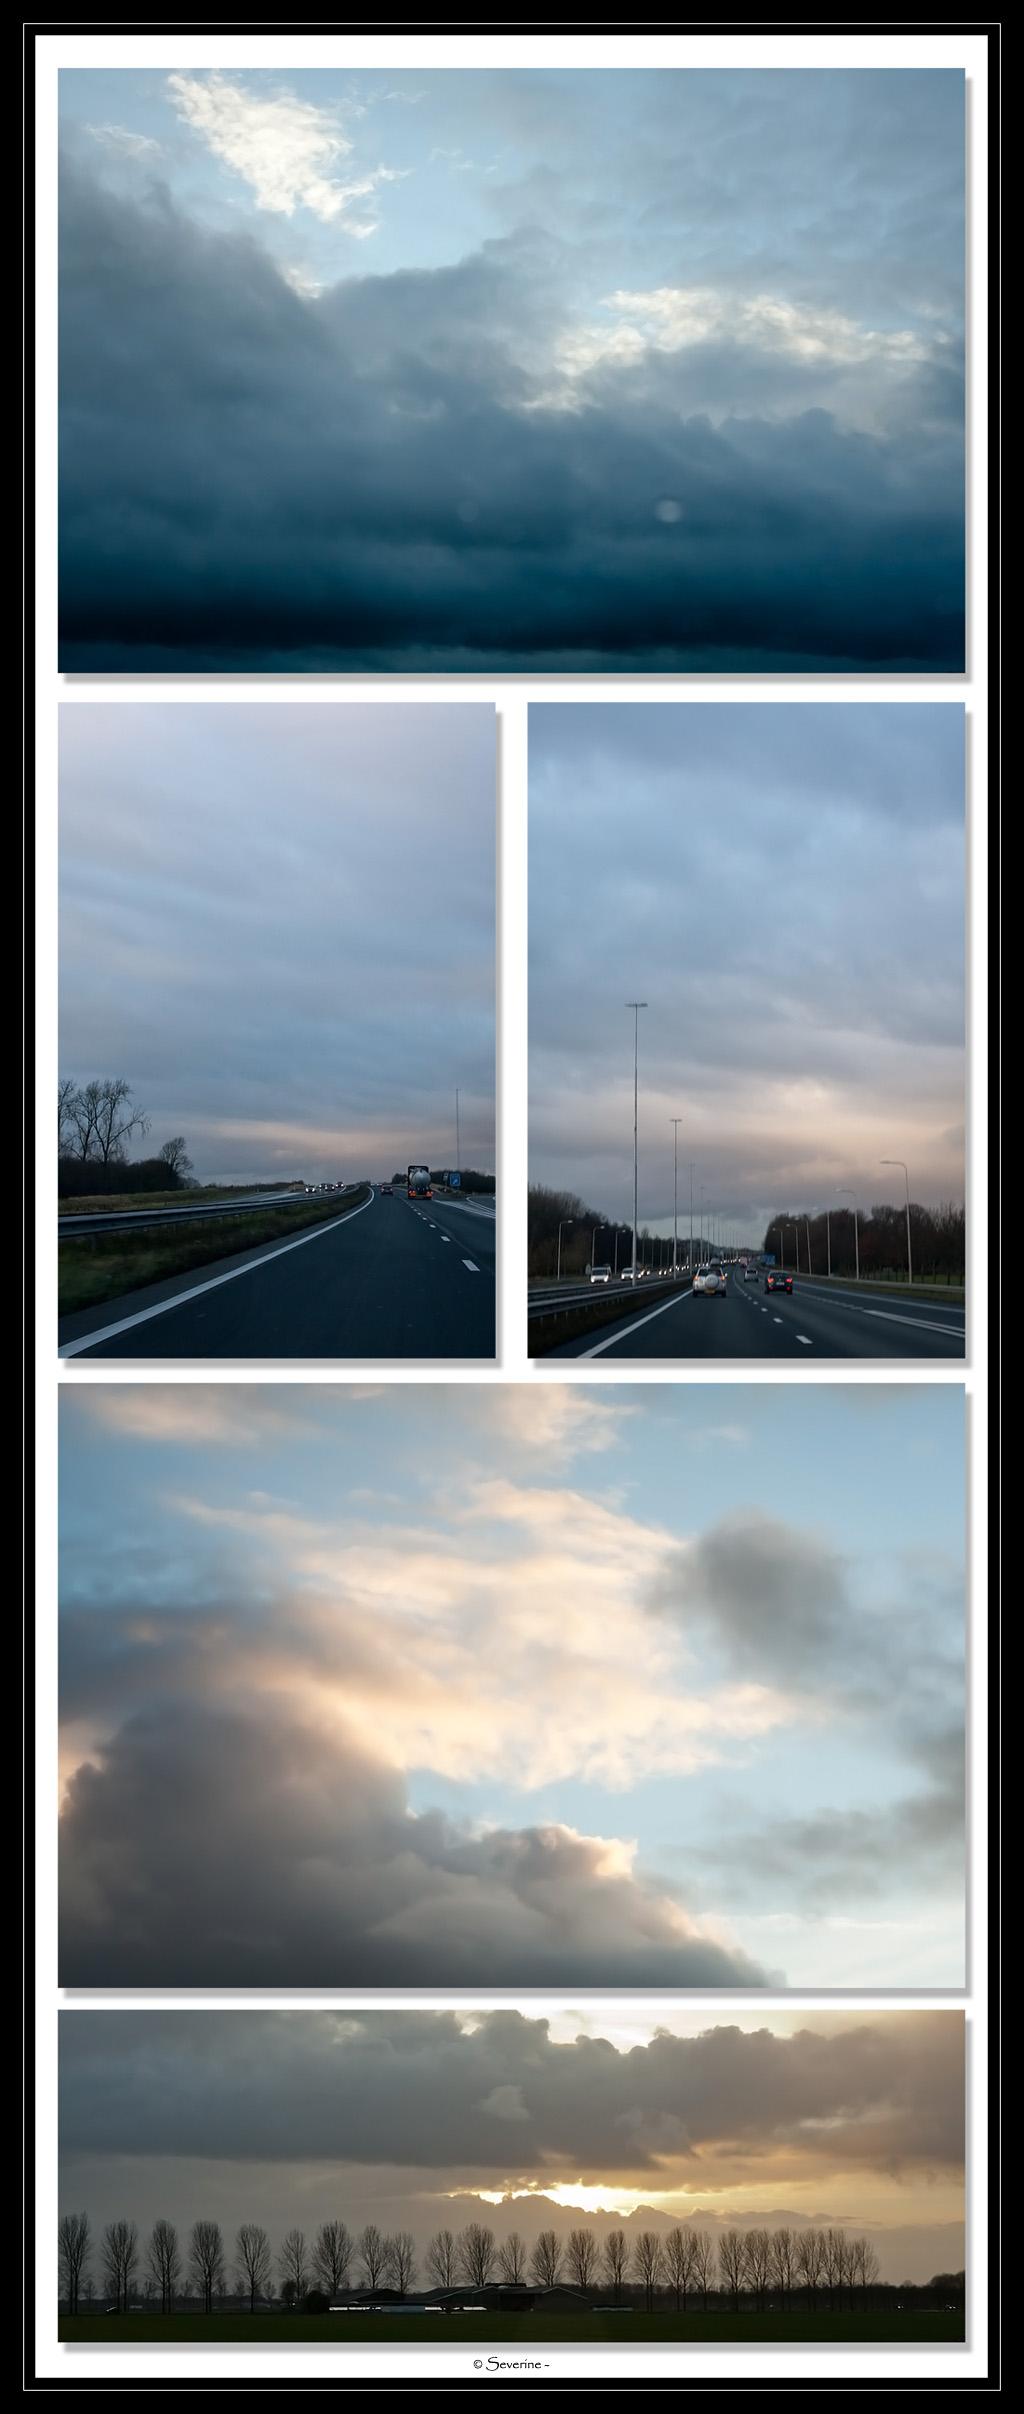 http://fredetsev.eu/imagespourblog/paysages_surroute.jpg